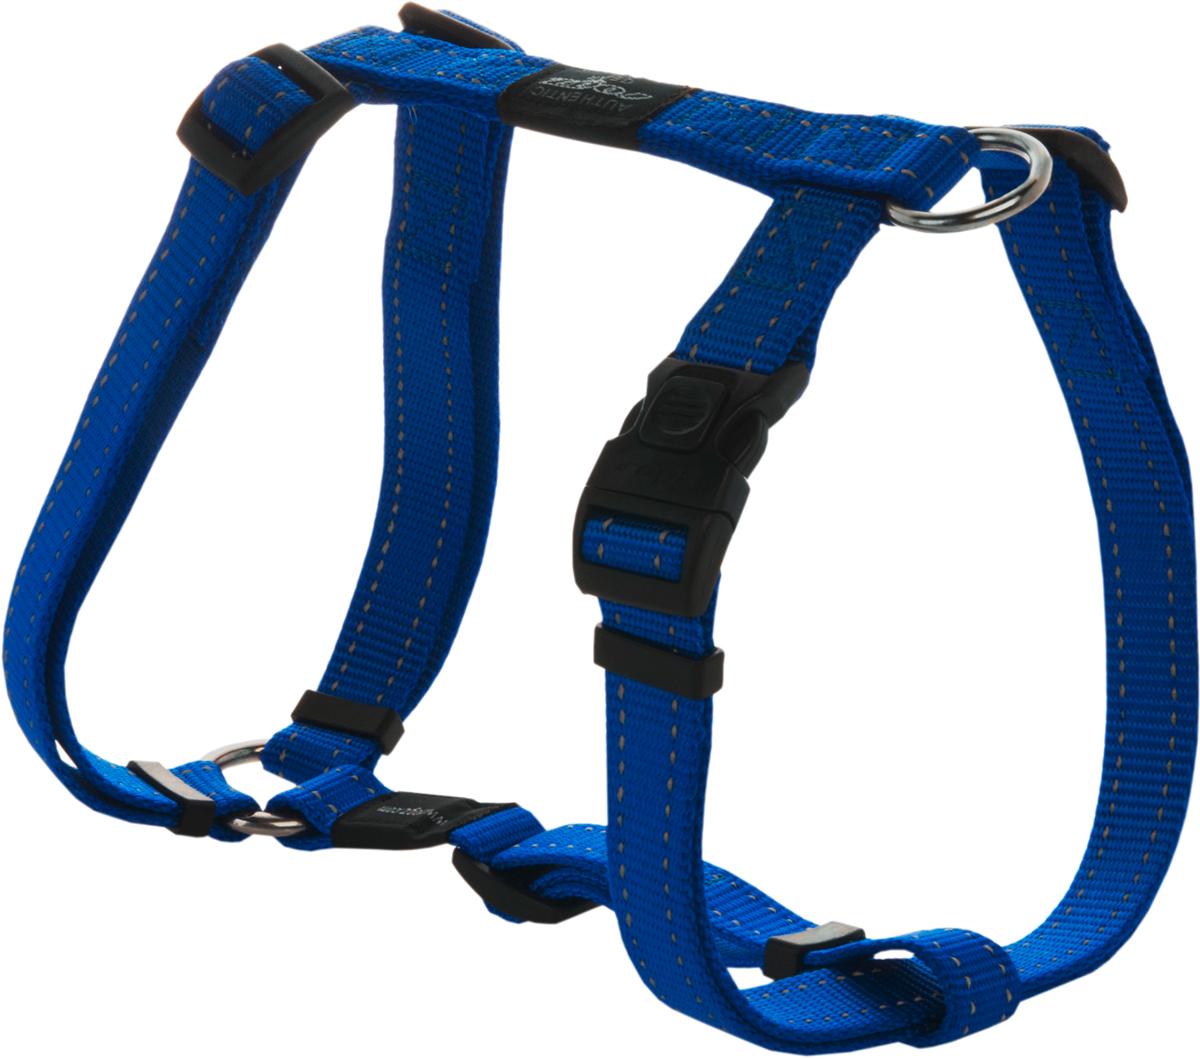 Шлейка для собак Rogz Utility, цвет: синий, ширина 2 см. Размер L0120710Шлейка для собак Rogz Utility со светоотражающей нитью, вплетенной в нейлоновую ленту, обеспечивает лучшую видимость собаки в темное время суток. Специальная конструкция пряжки Rog Loc - очень крепкая (система Fort Knox). Замок может быть расстегнут только рукой человека. Технология распределения нагрузки позволяет снизить нагрузку на пряжки, изготовленные из титанового пластика, с помощью правильного и разумного расположения грузовых колец, благодаря чему, даже при самых сильных рывках, изделие не рвется и не деформируется.Выполненные специально по заказу ROGZ литые кольца гальванически хромированы, что позволяет избежать коррозии и потускнения изделия.